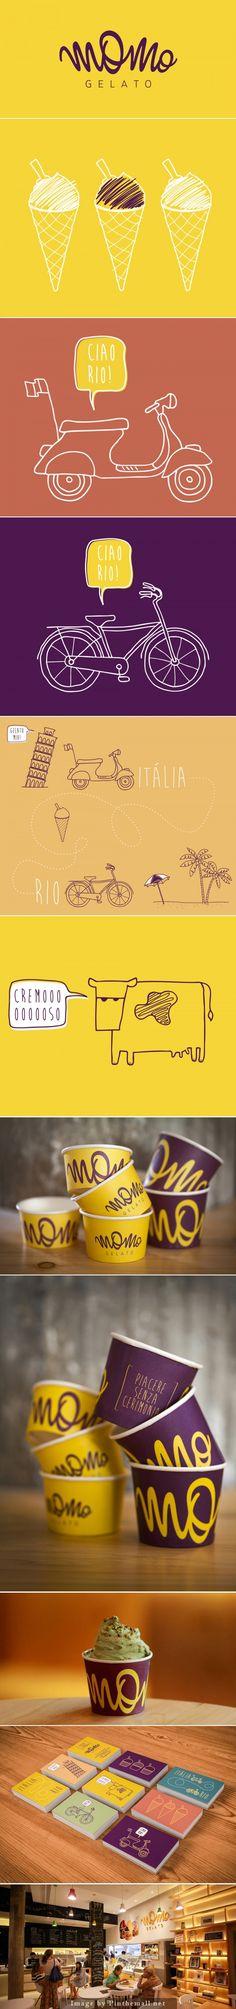 Referencias de ilustraçoes, fonte.